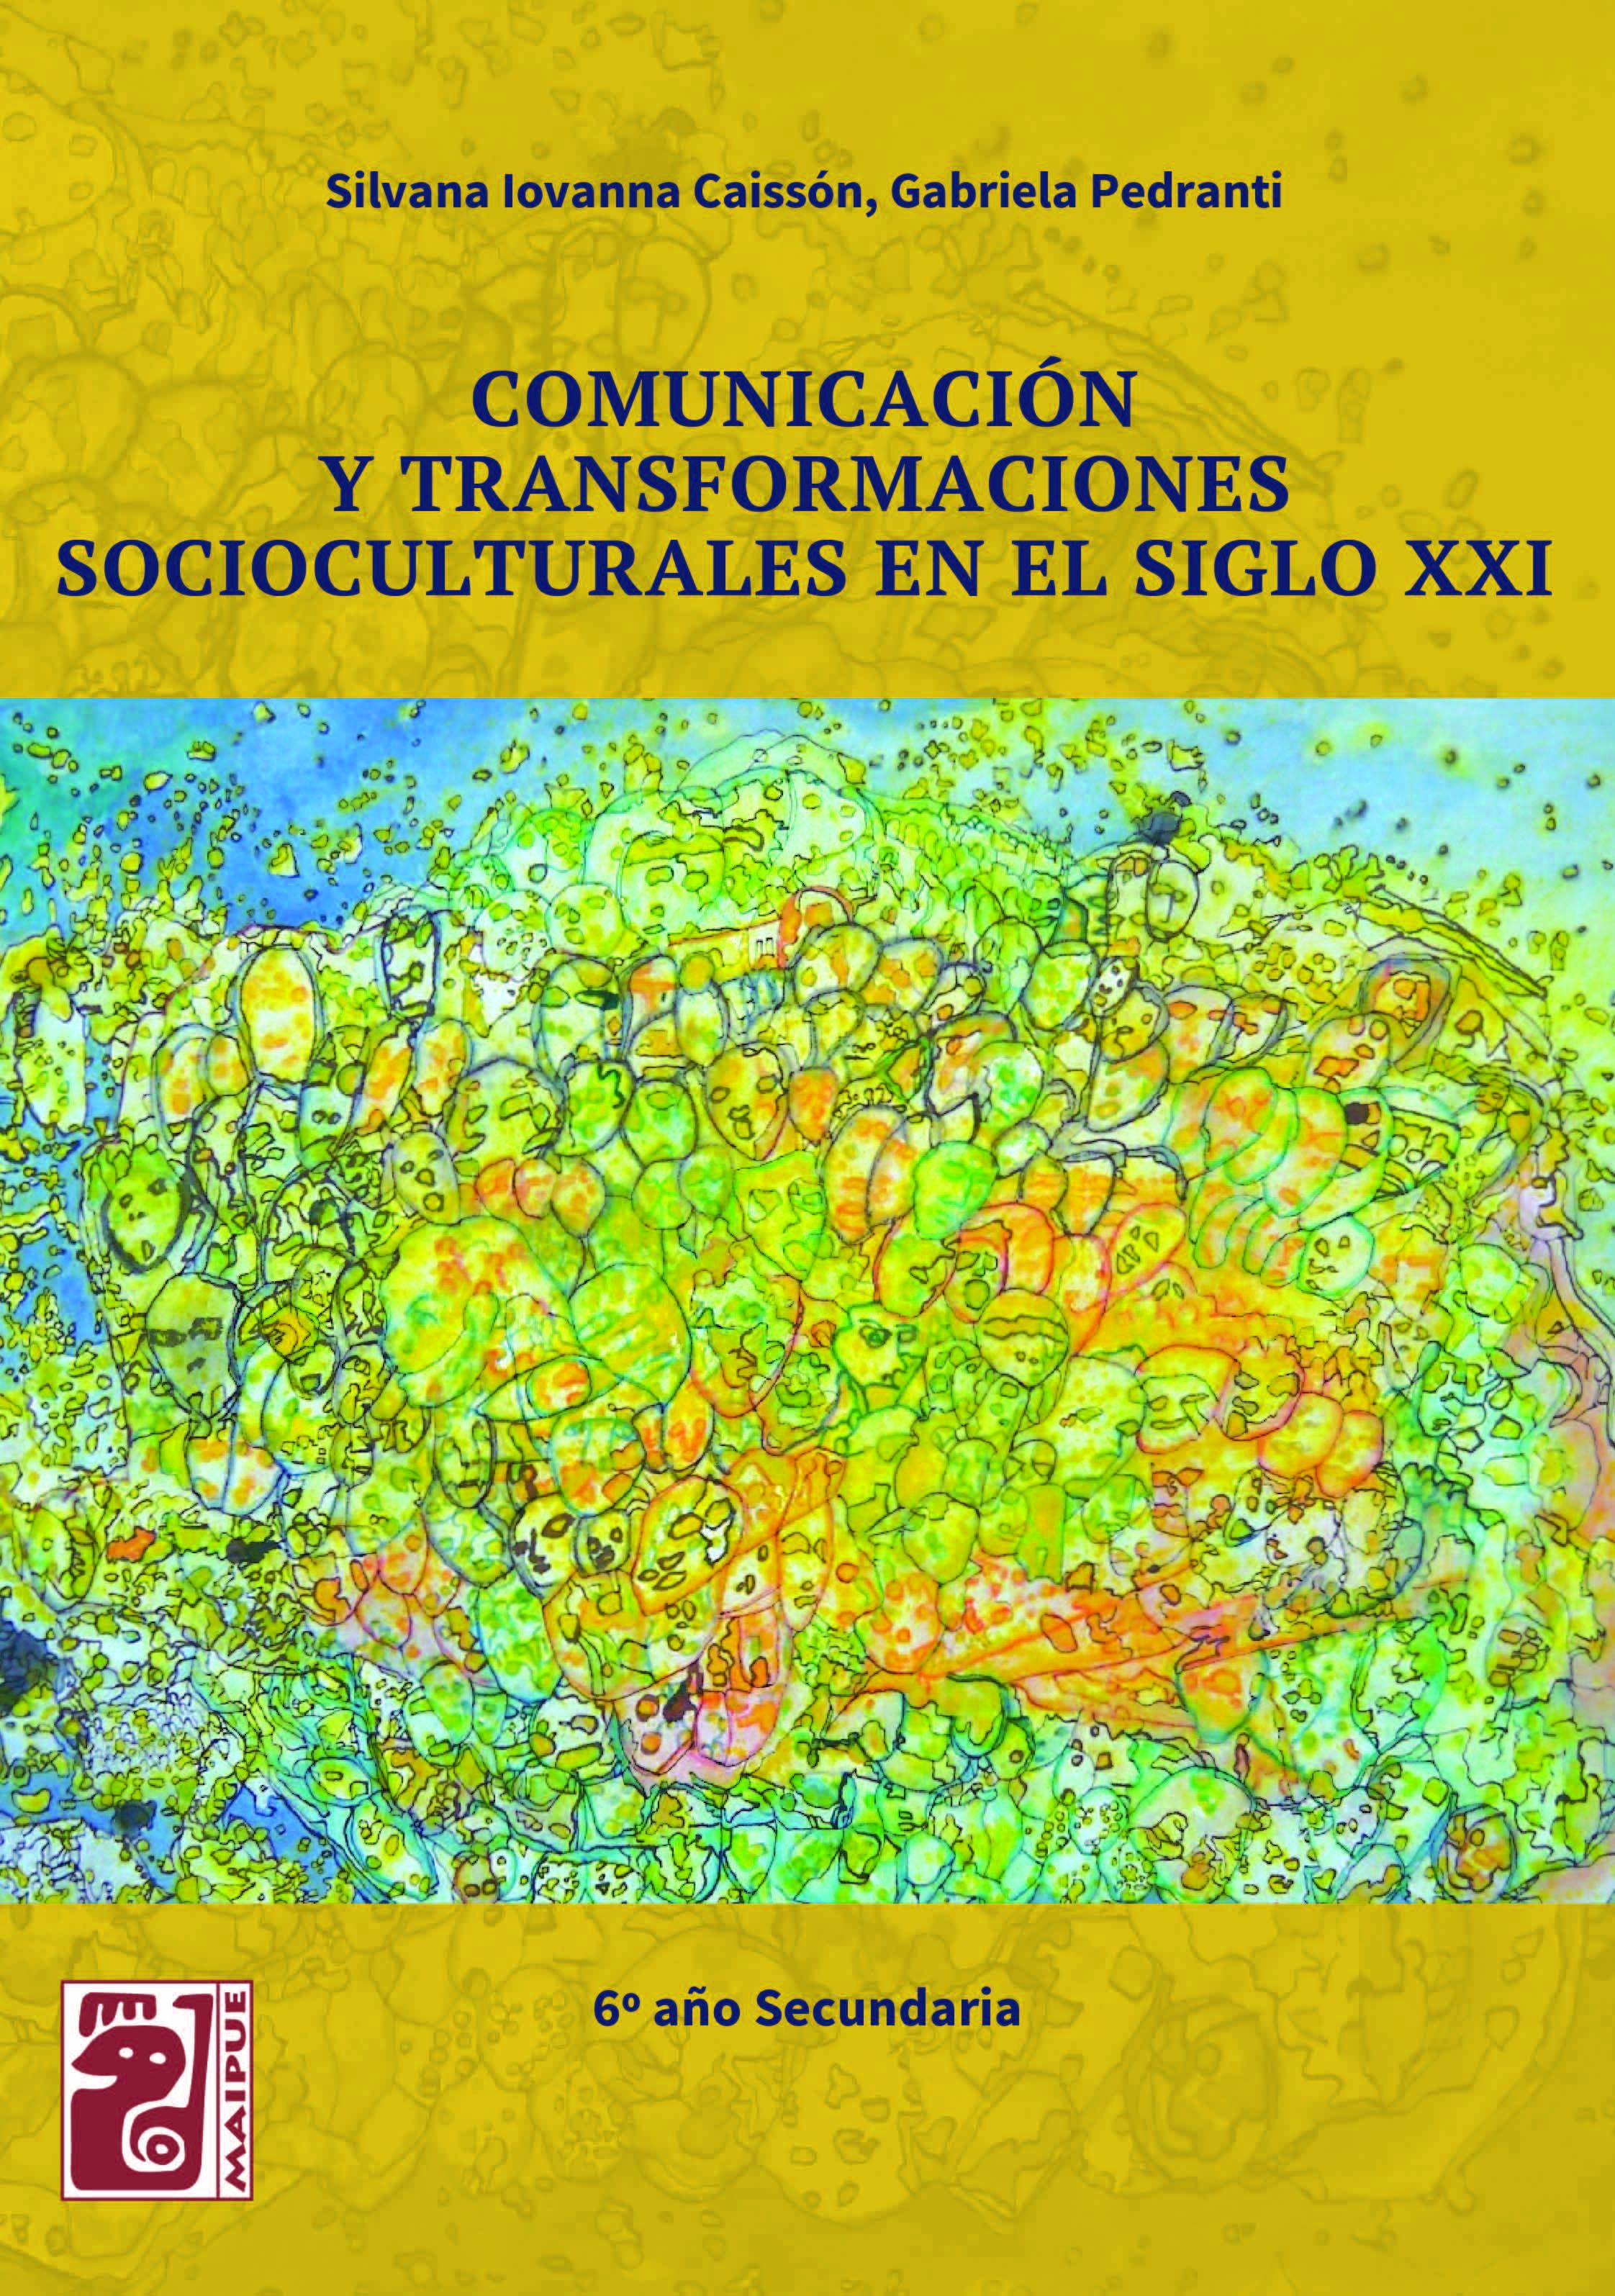 Comunicación y transformaciones socioculturales en el siglo XXI